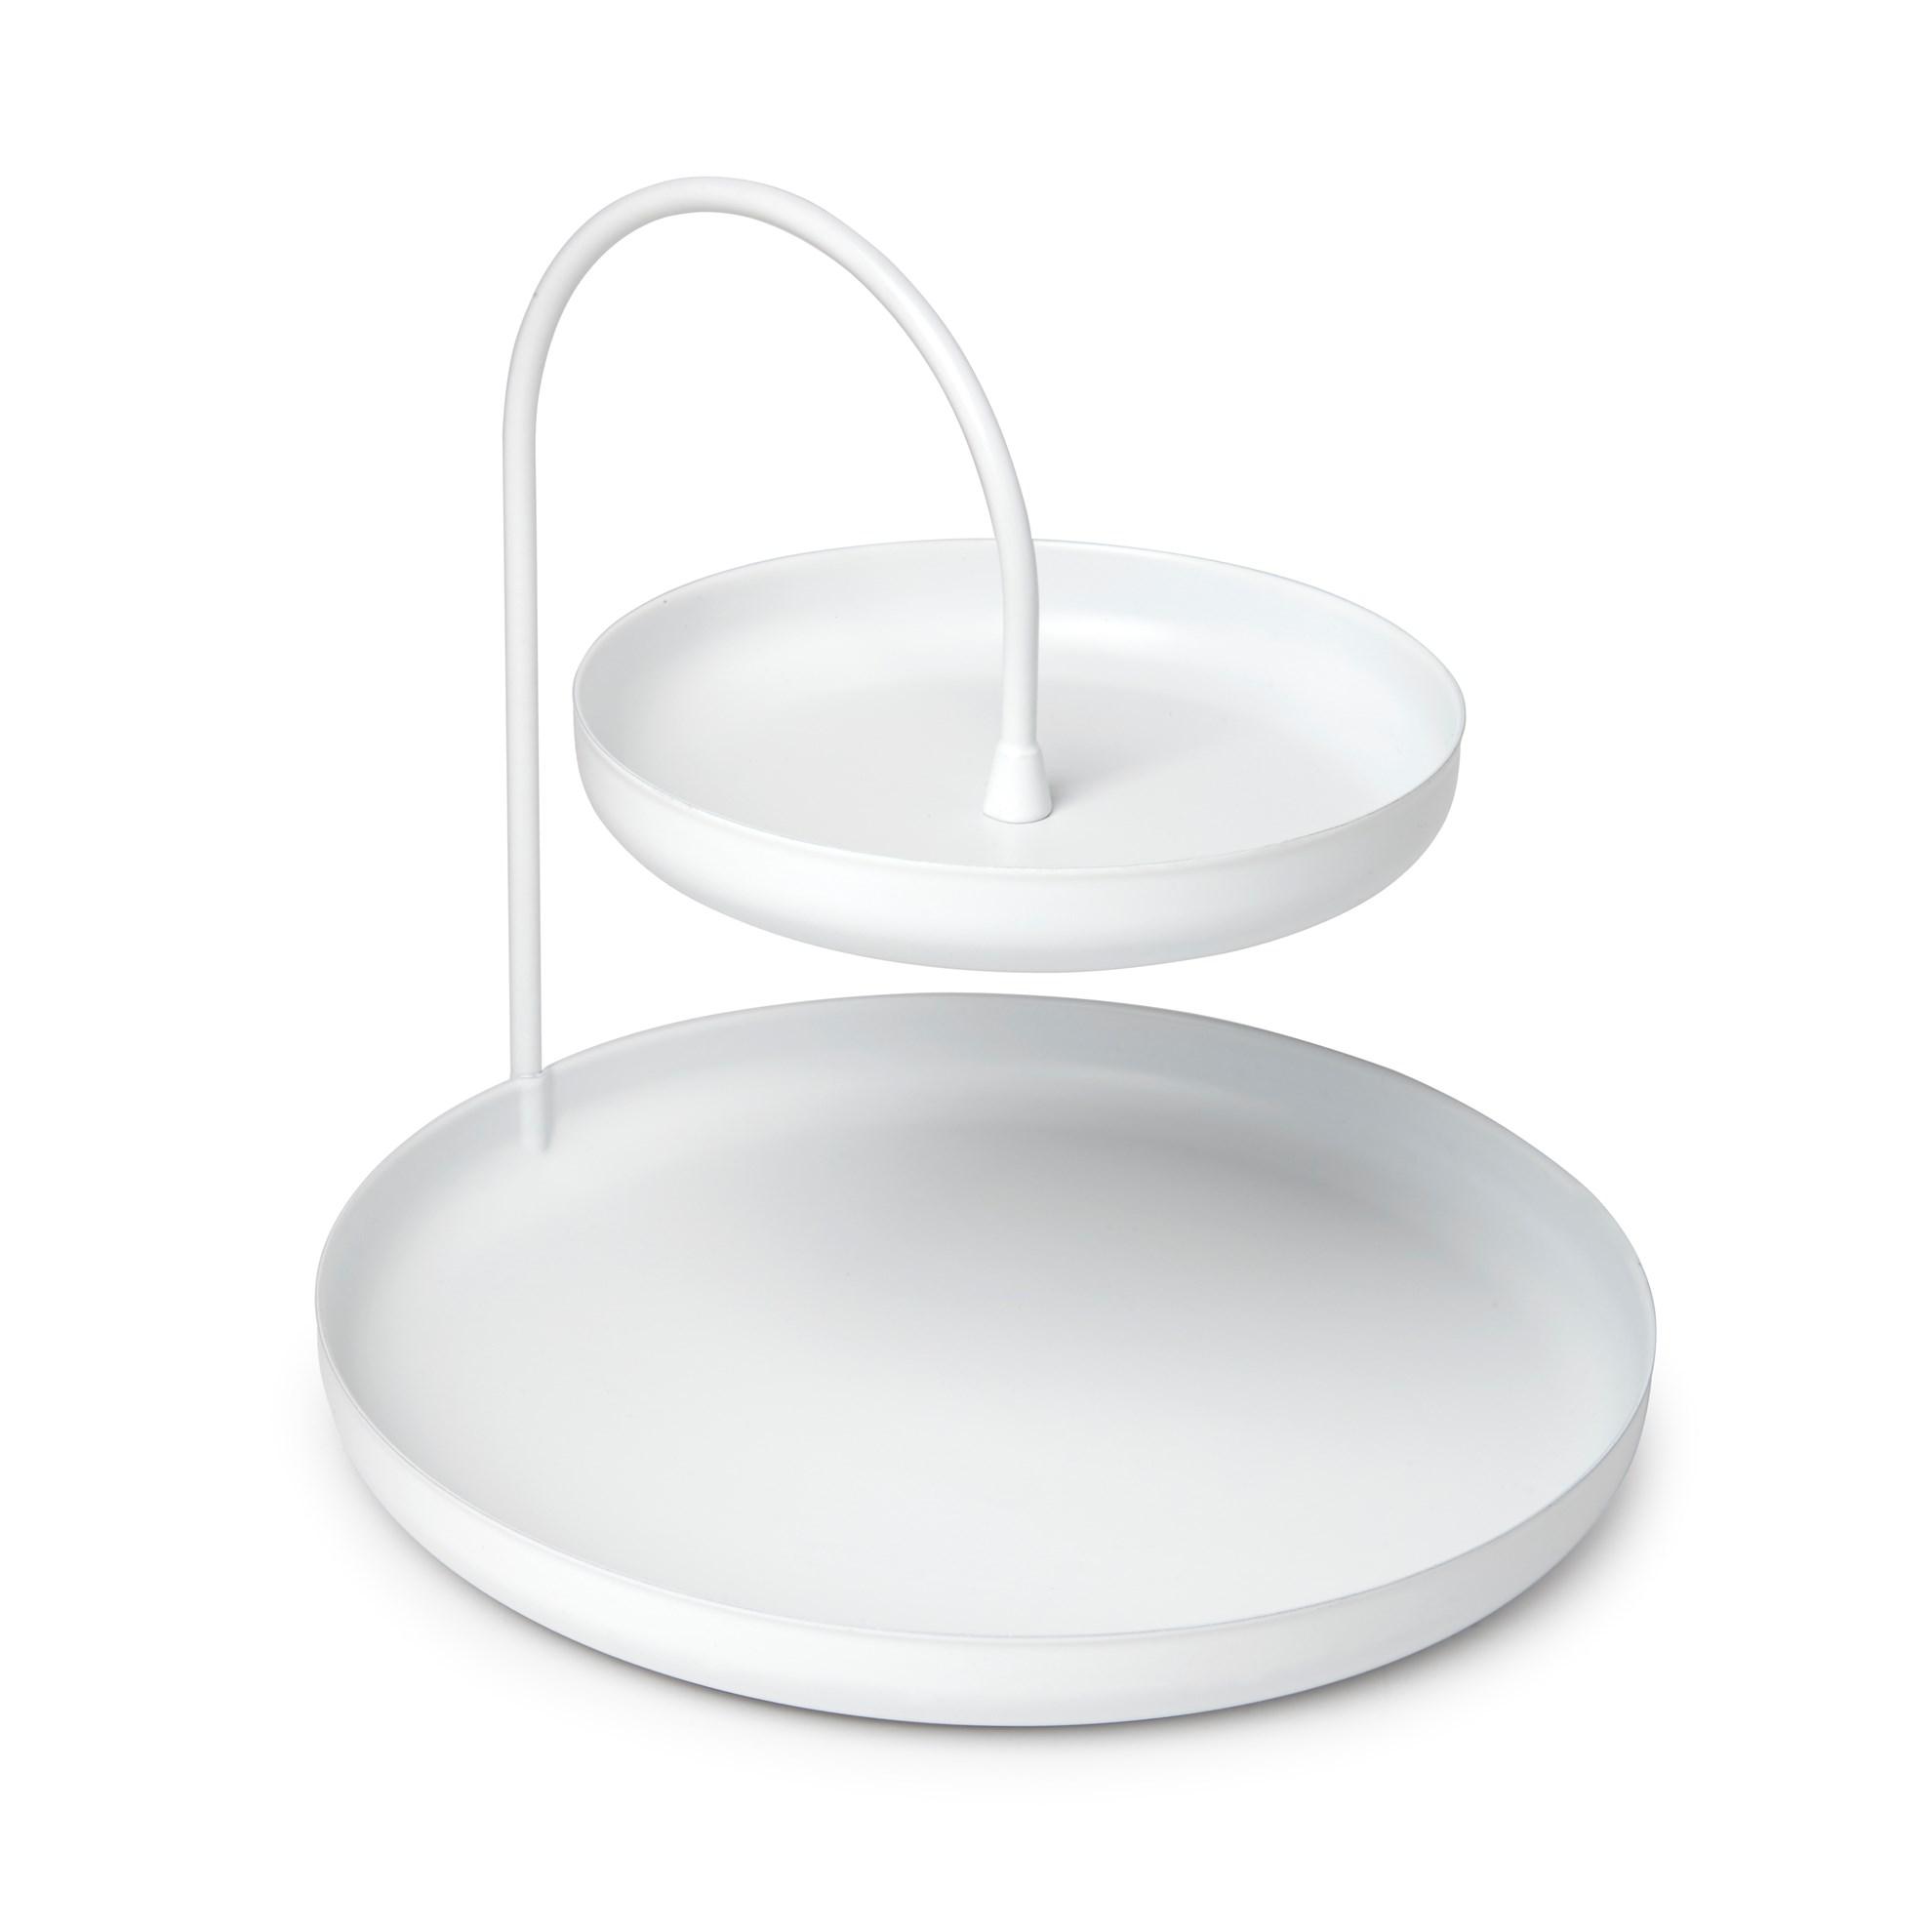 Šperkovnice POISE 18 cm bílá_3